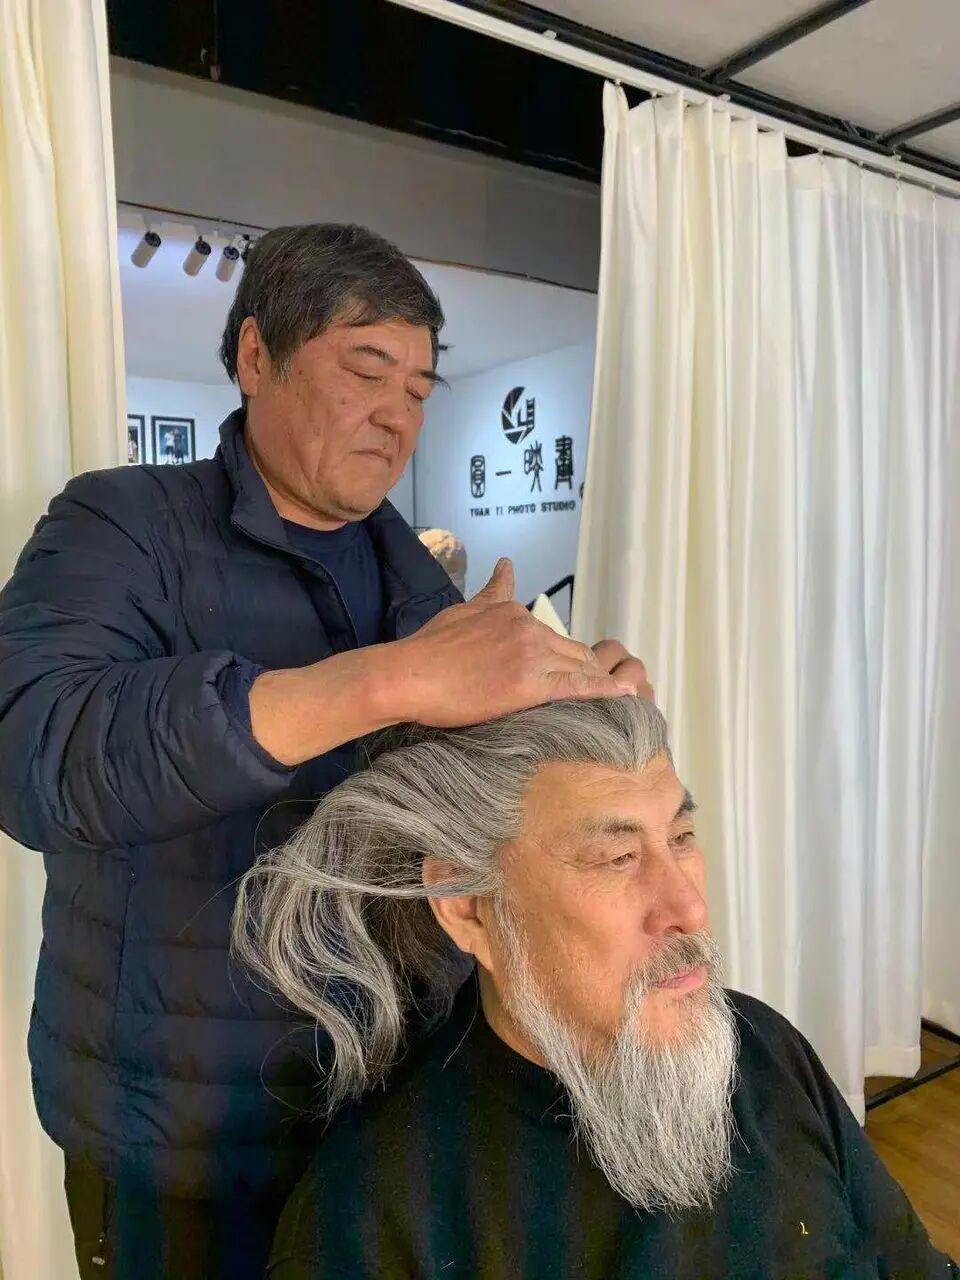 63岁陆树铭再披战袍,再次出演关公,图3威武